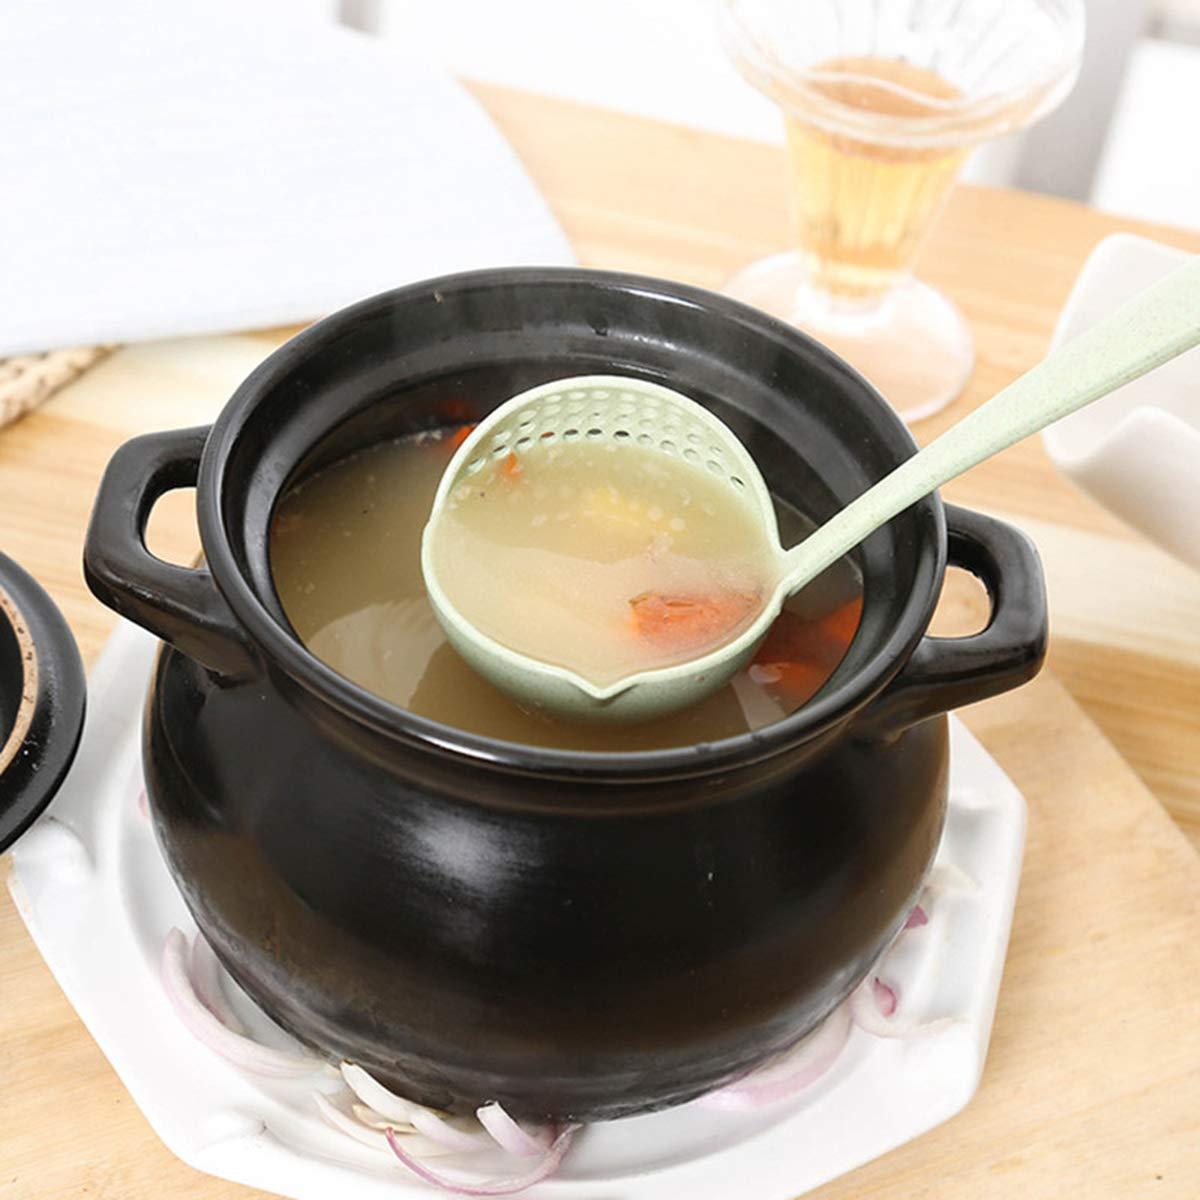 Nrpfell 2 en 1 Vajilla De Olla Caliente Cuchara De Sopa Avena con Filtro Espumadera Utensilio De Cocina Colador De Largo Manejar Beige